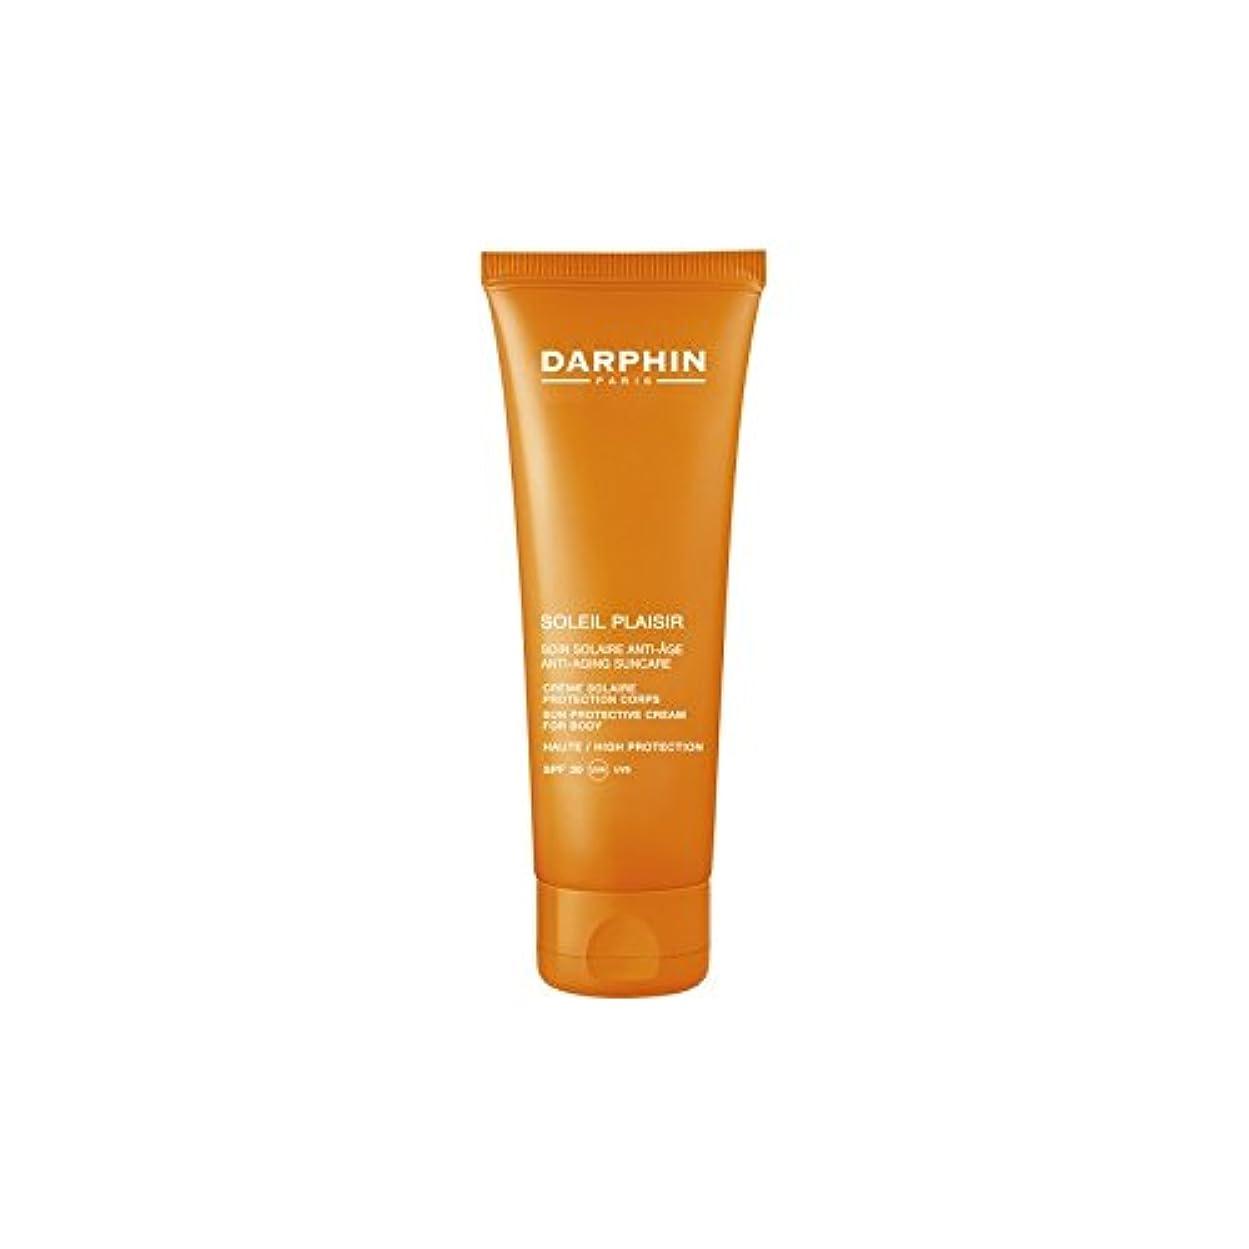 ペニー顕現傀儡ダルファンソレイユプレジールボディクリーム x2 - Darphin Soleil Plaisir Body Cream (Pack of 2) [並行輸入品]